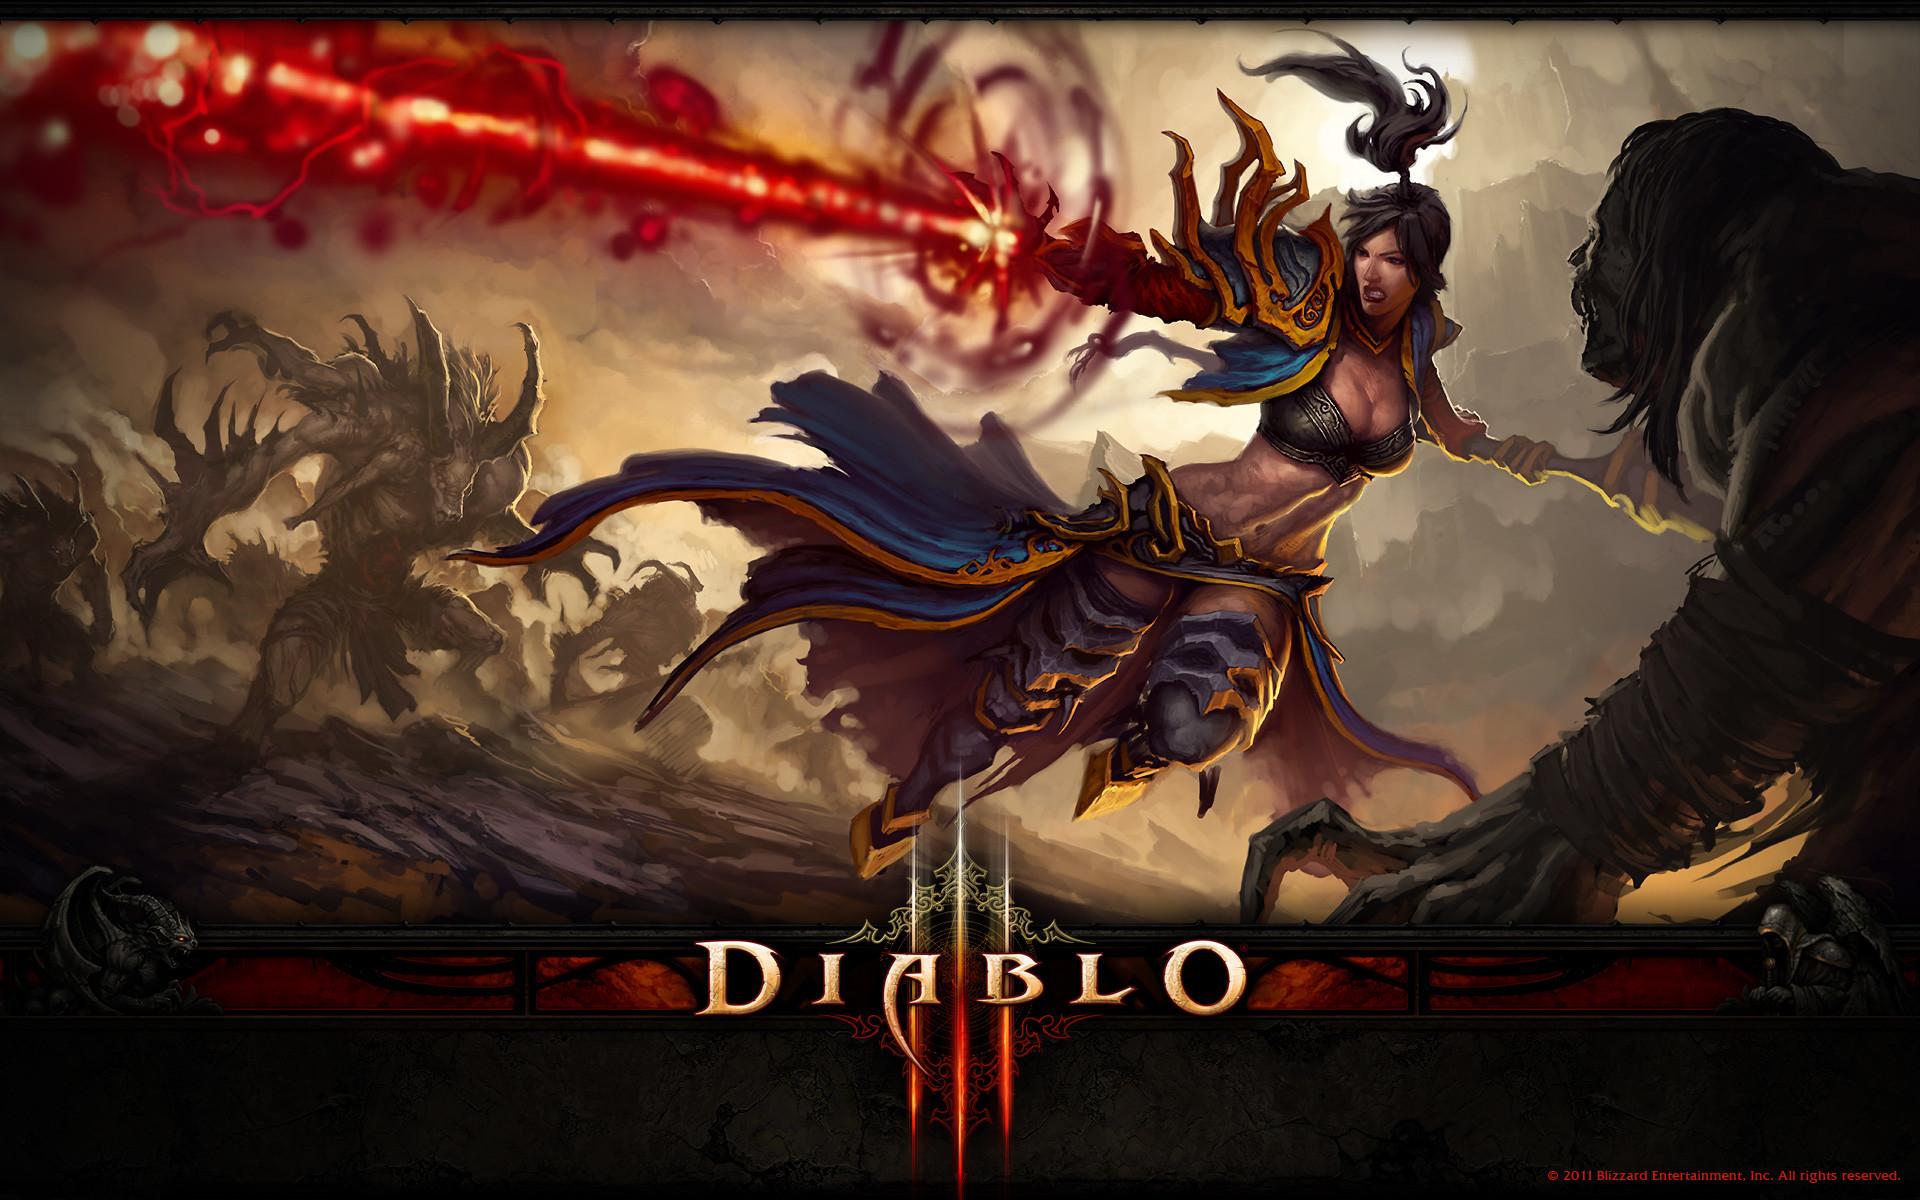 DIablo 3 2 wallpaper from Diablo 3 wallpapers